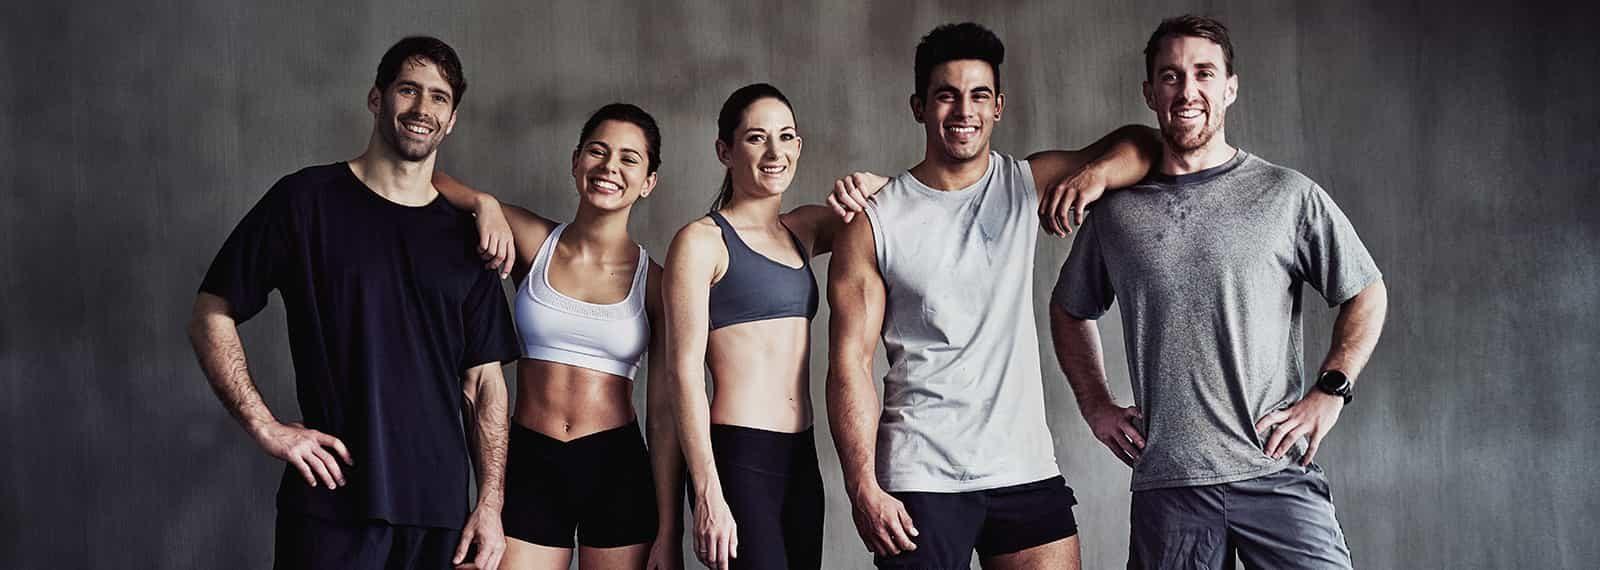 Fitnesslofts Informationen